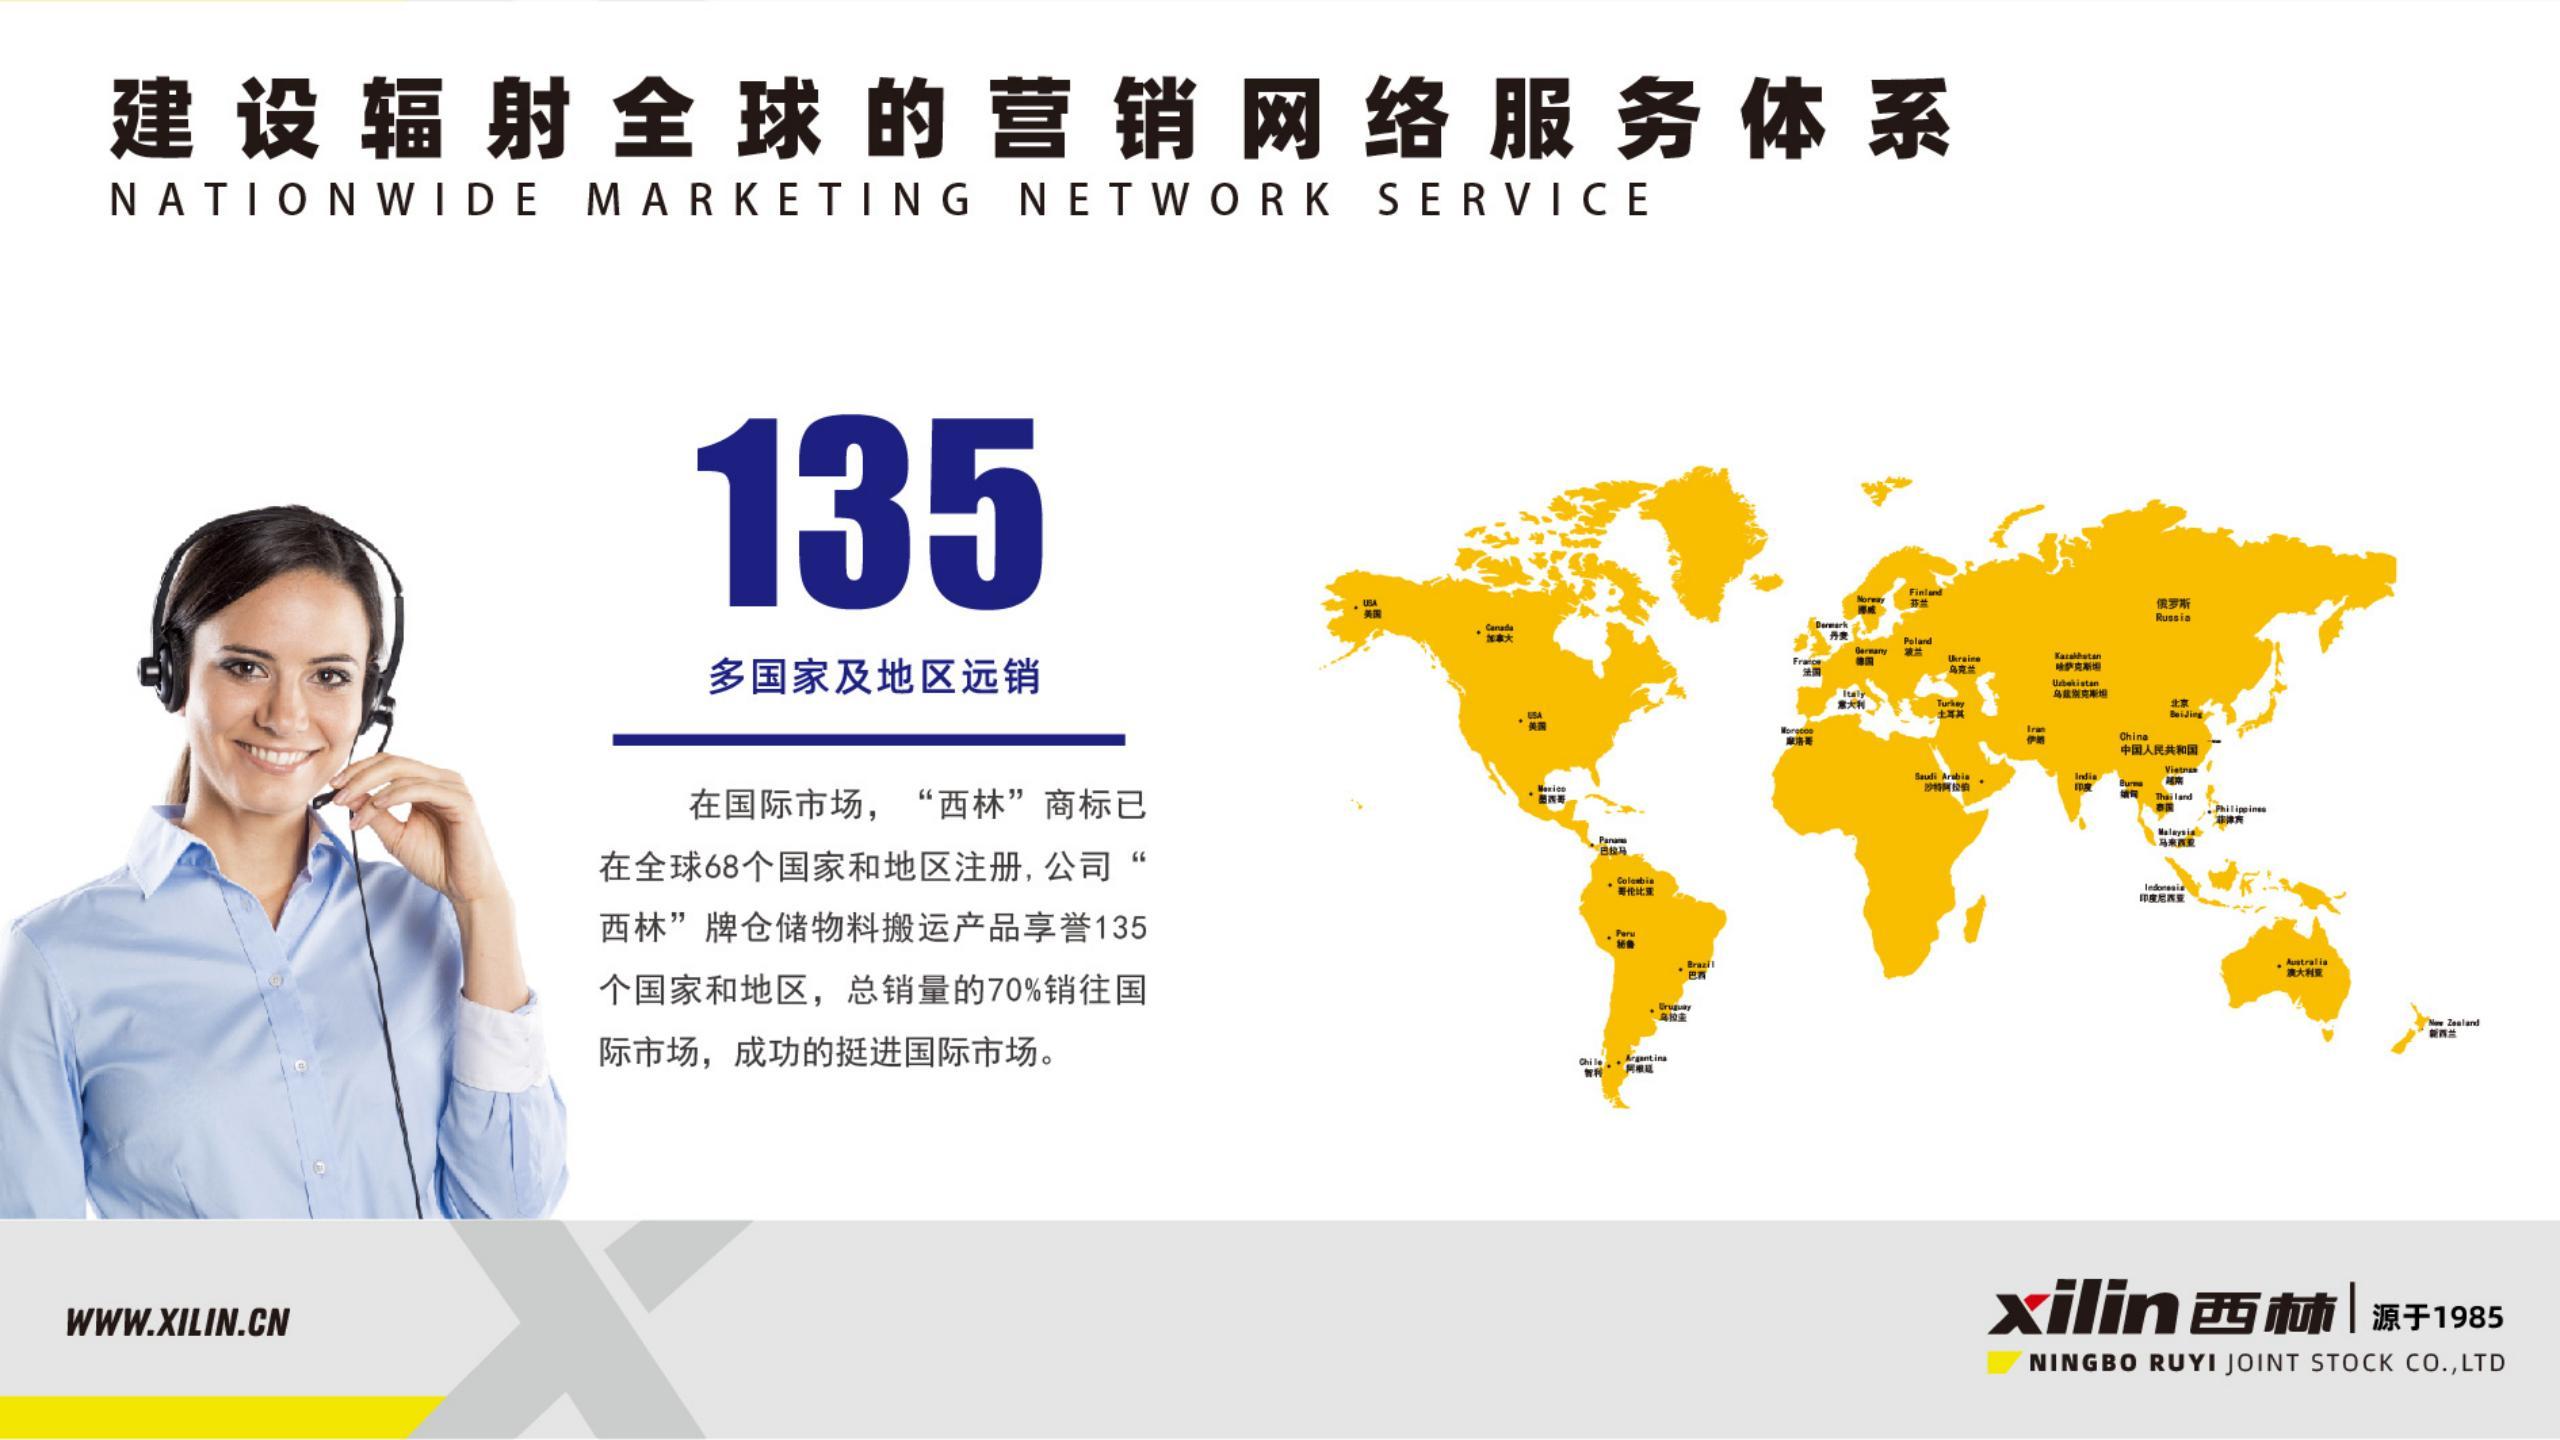 【西林bet9网站app】一站式仓储物流解决方案 lk 2021-8-25_13.jpg